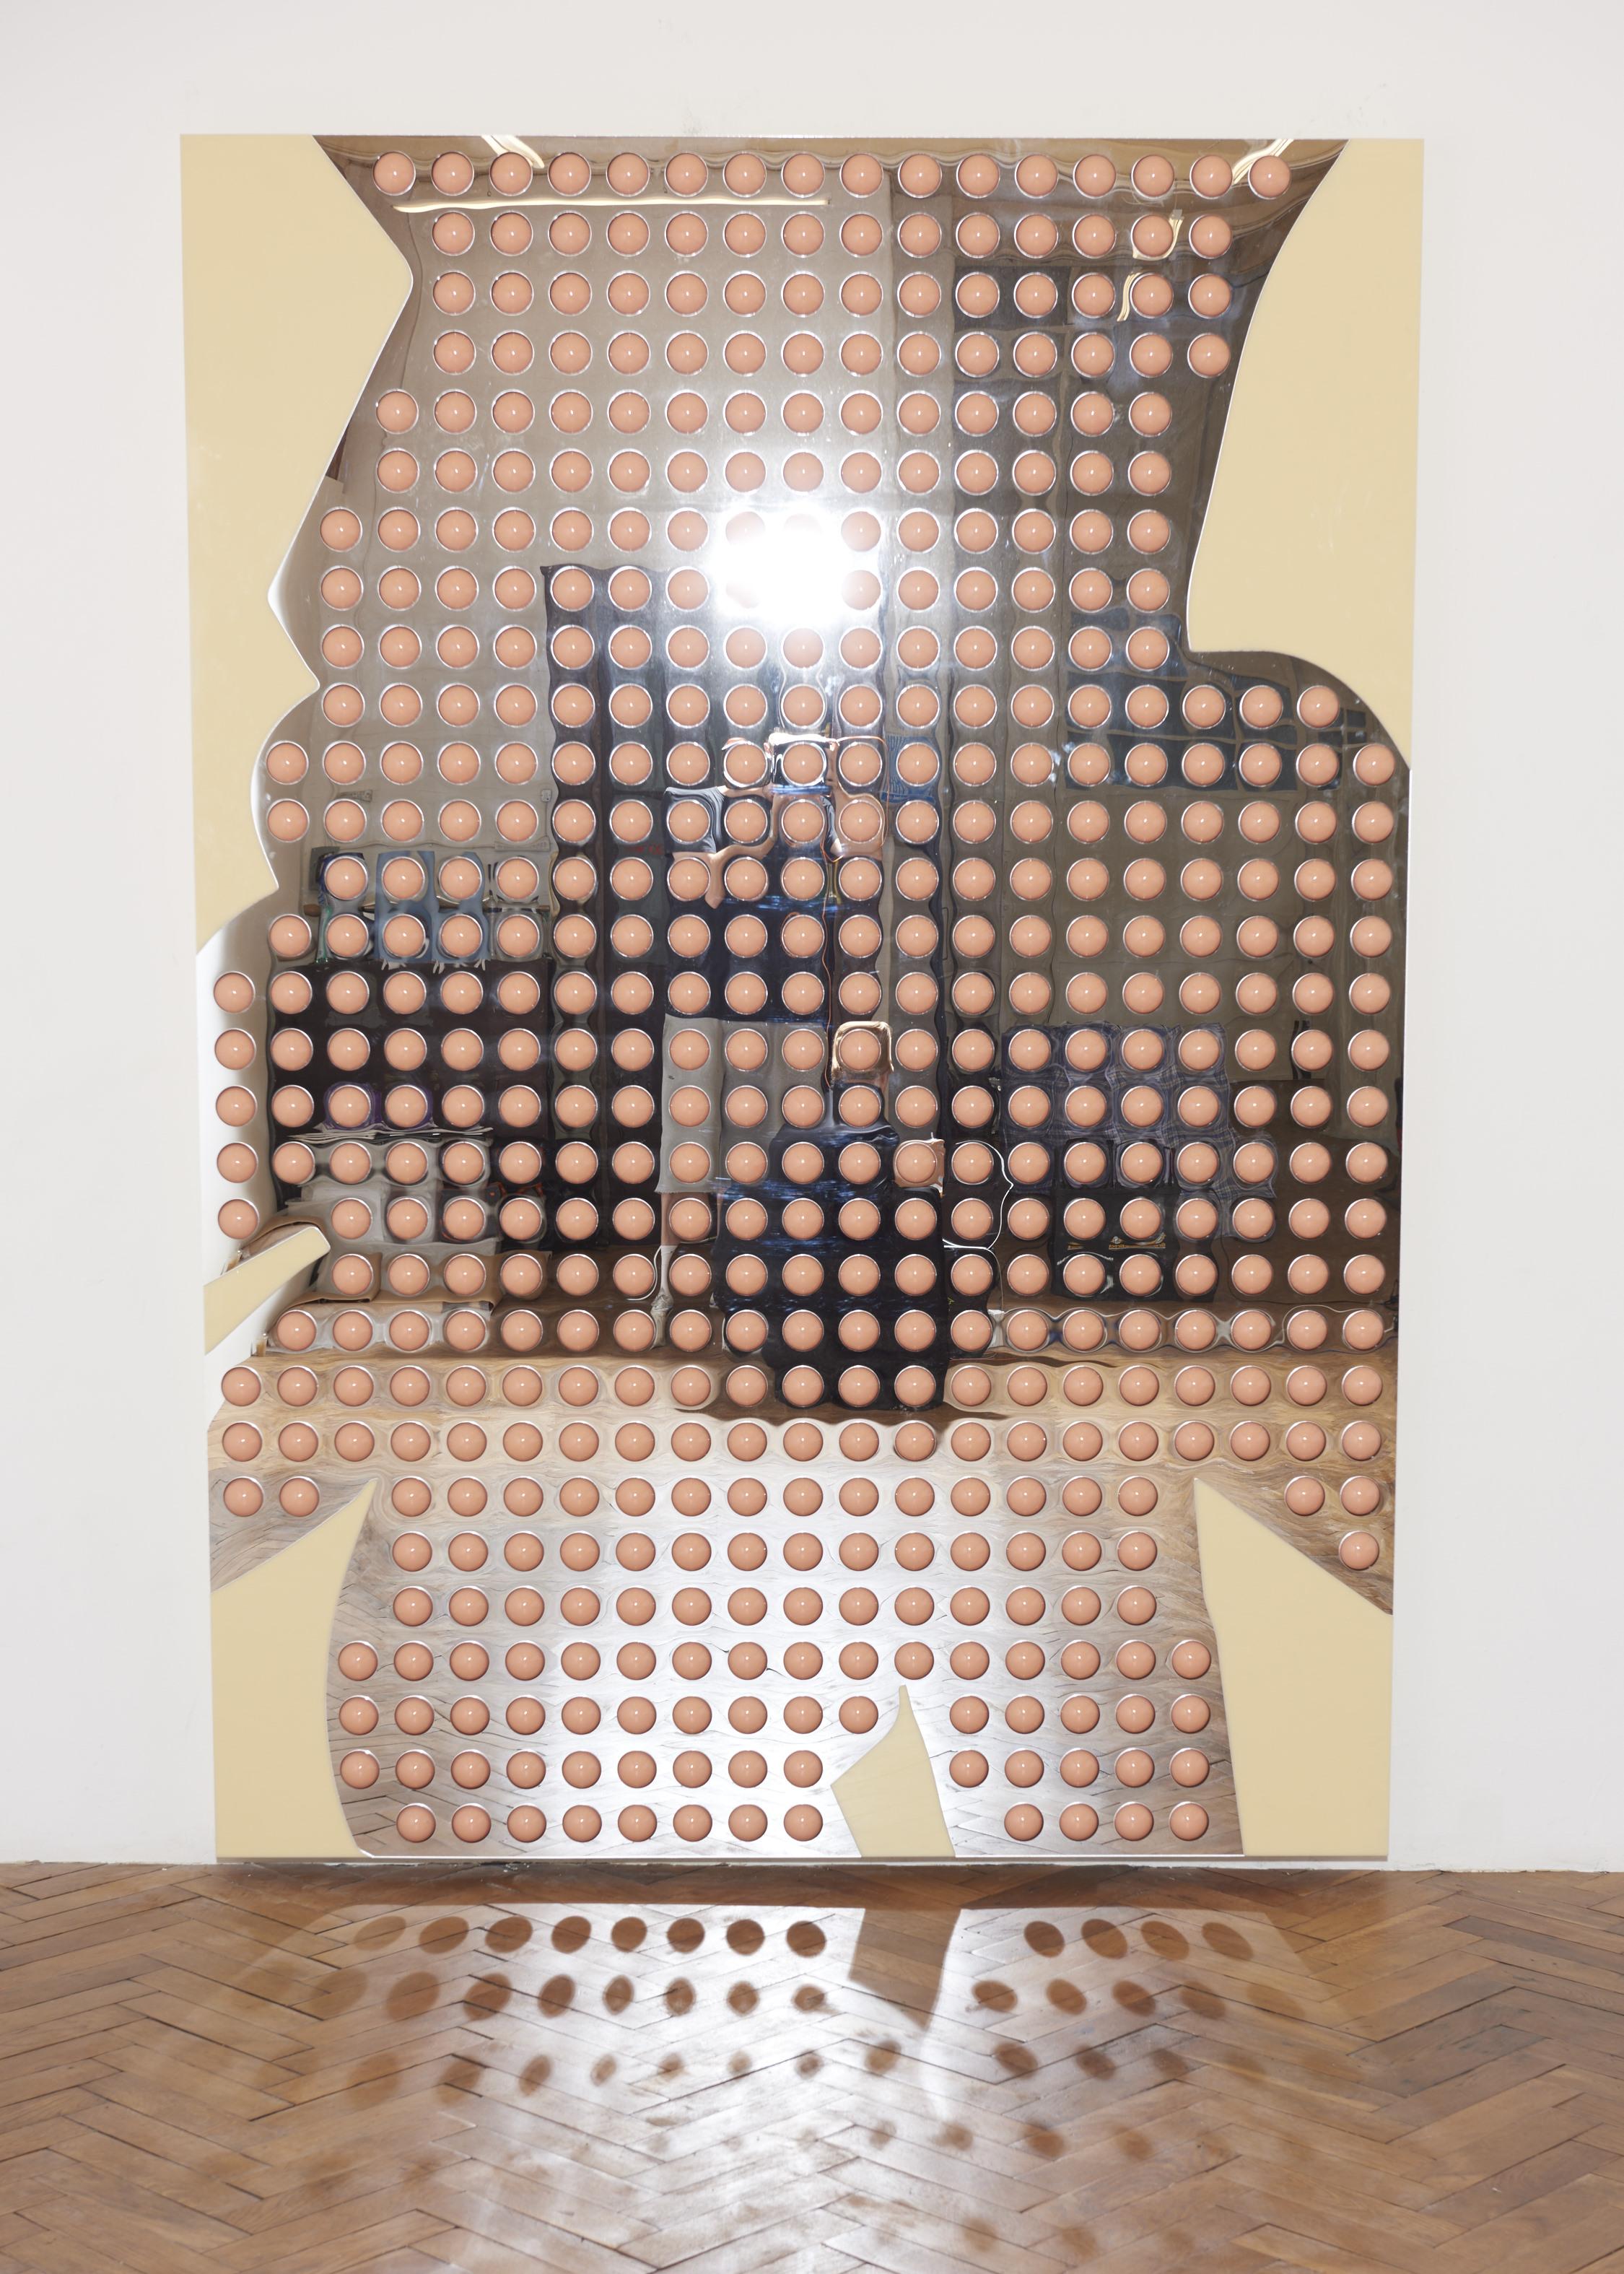 AS_STUDIO_LEIGH_02_511 BIG PINK SHINY BALLS_007.jpg